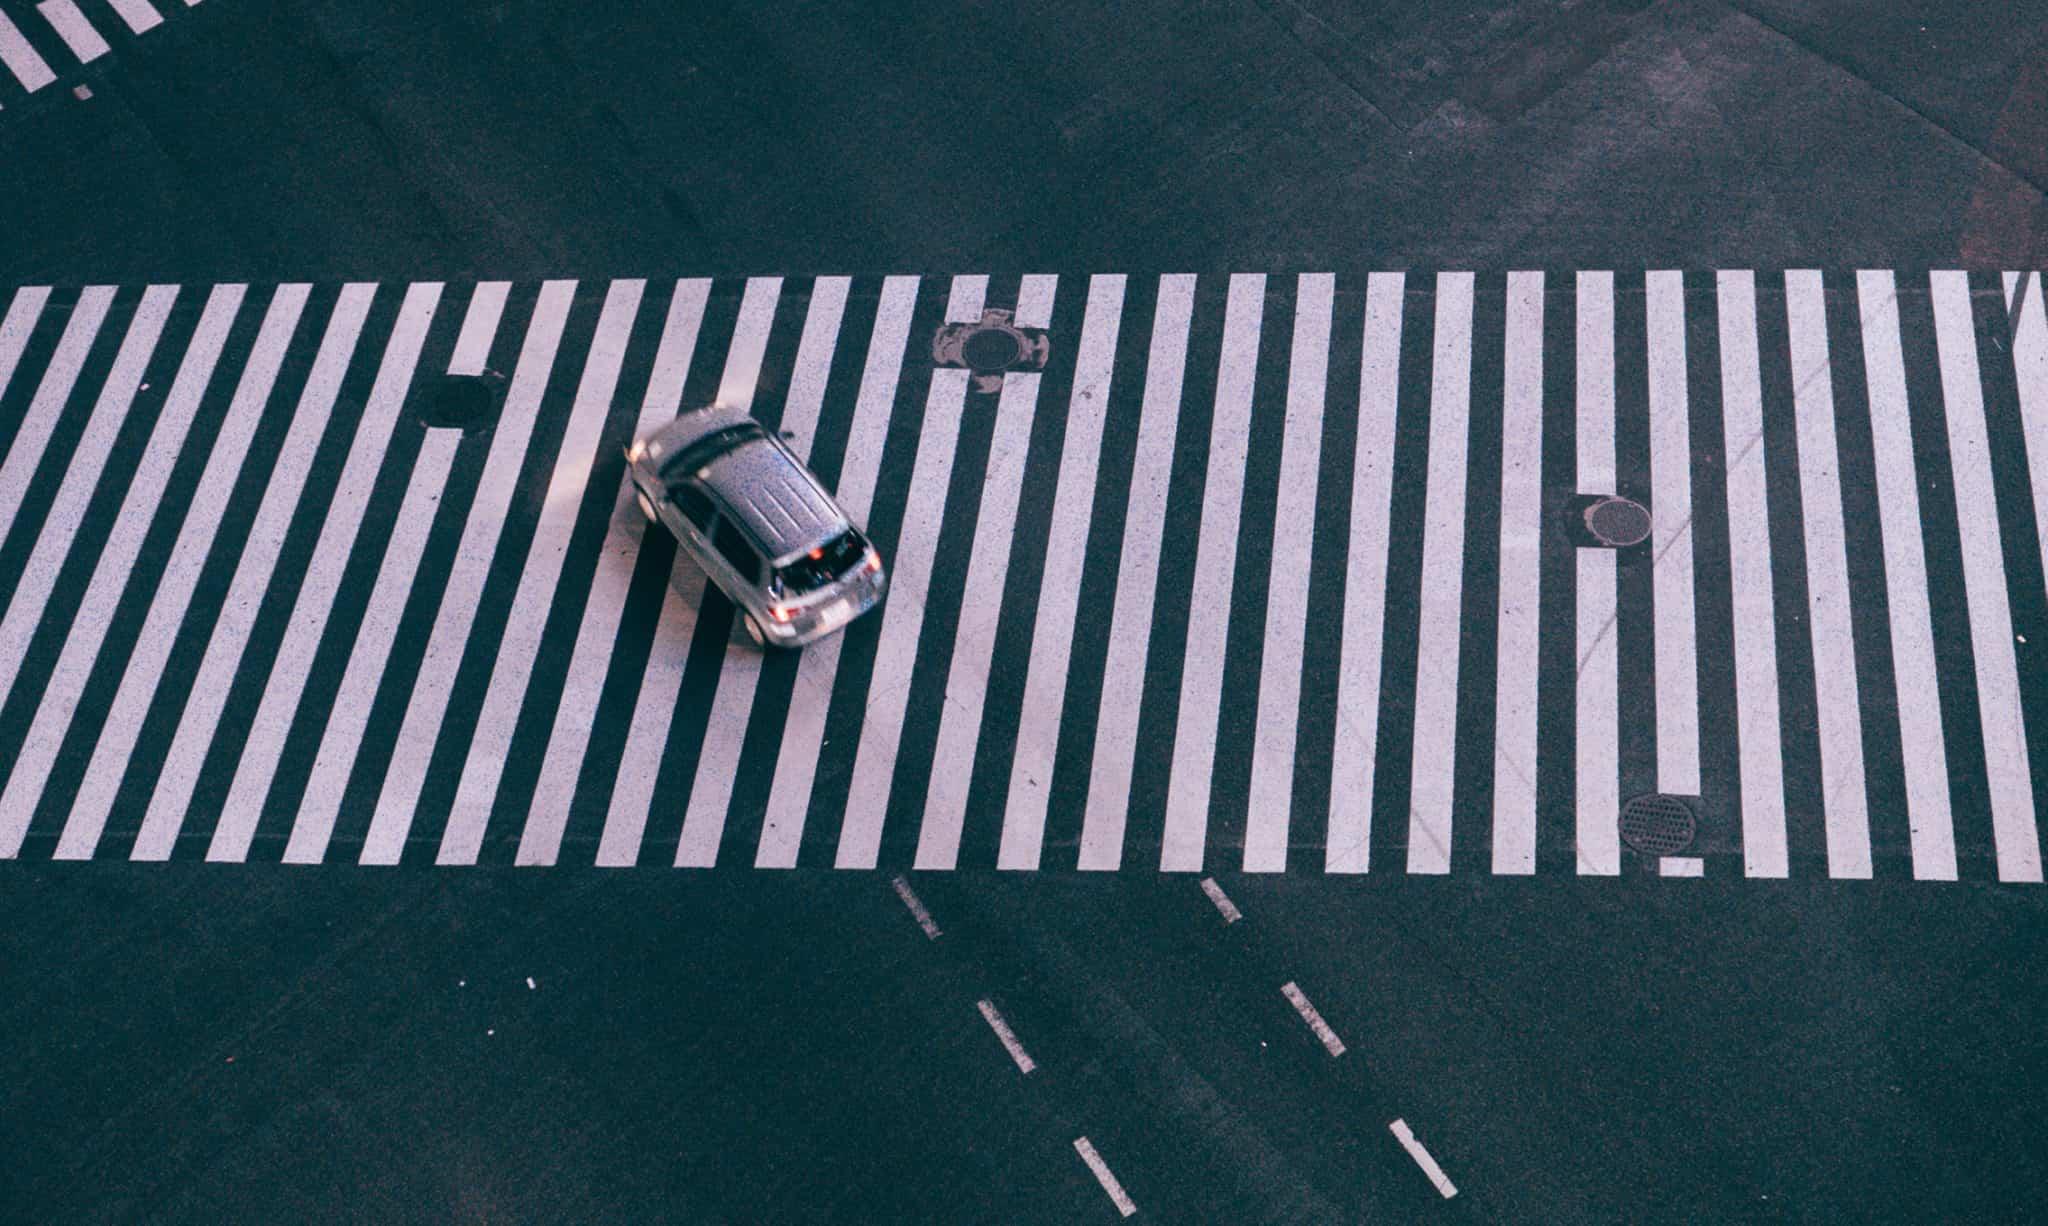 Carro em cima de uma passadeira